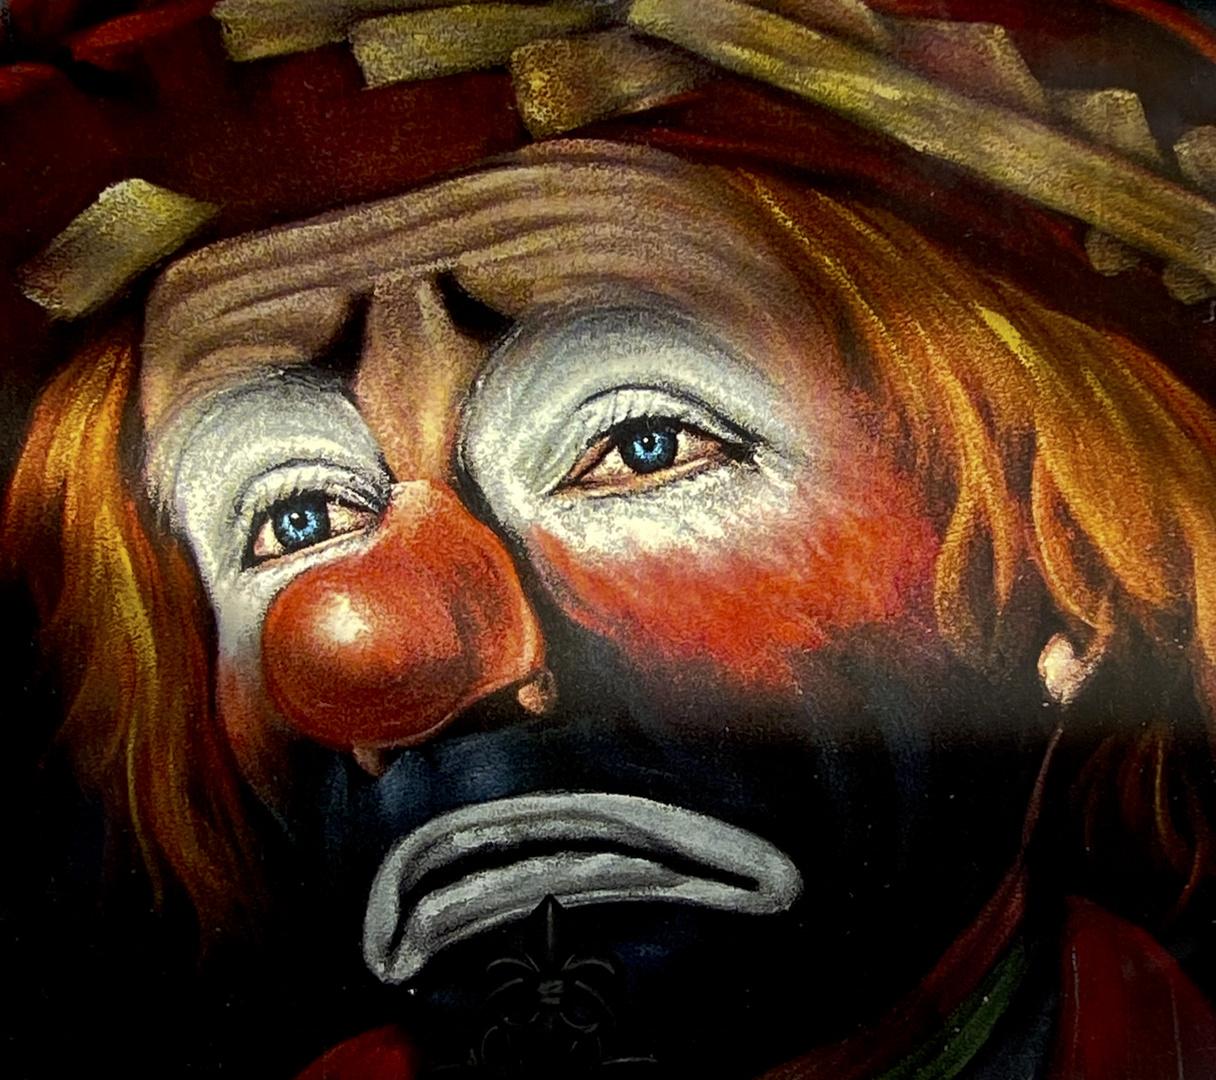 Clown einfach nur ein Clown Bild